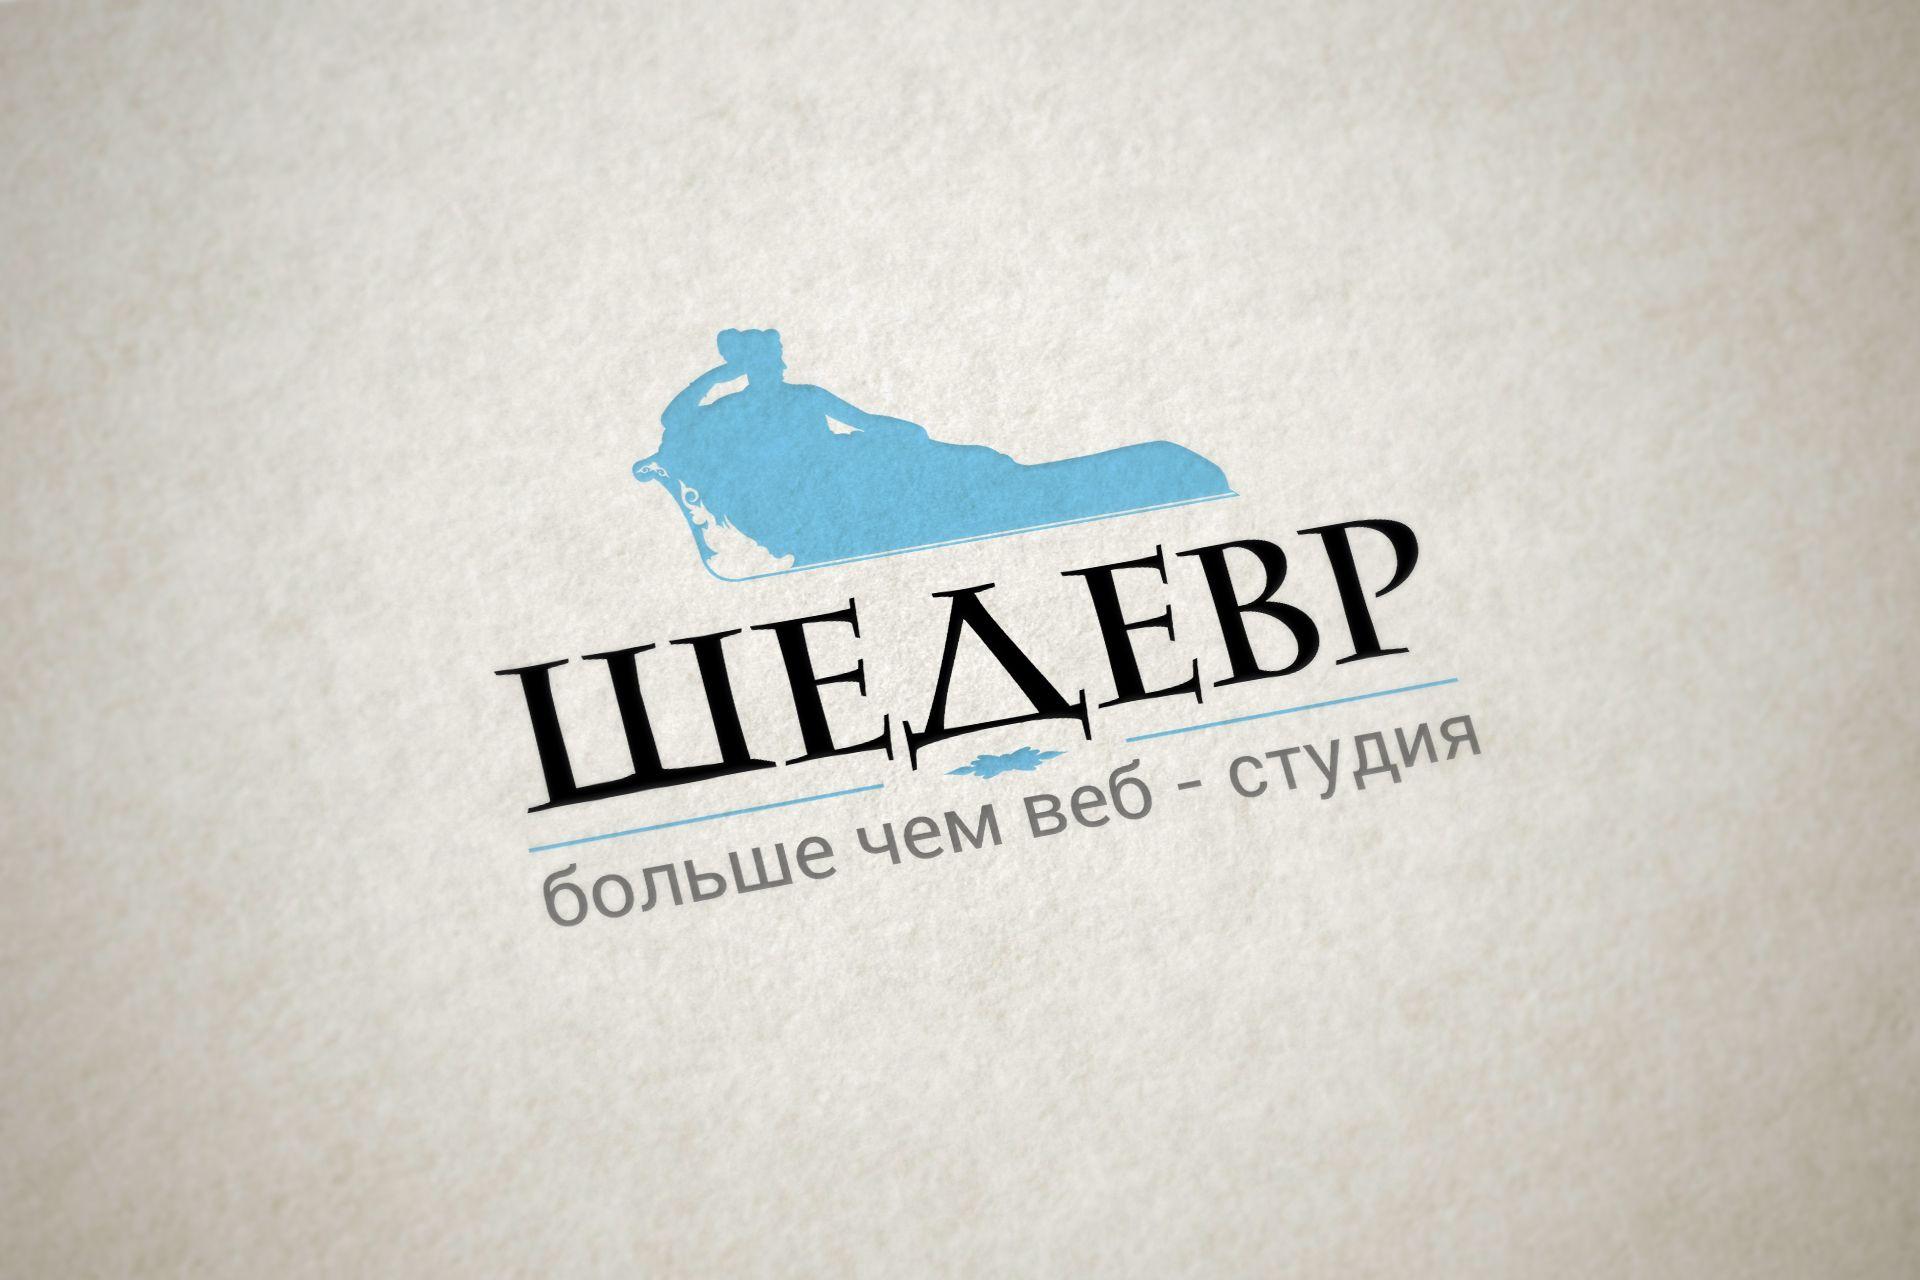 Логотип для брендинговой компании - дизайнер nortzevs